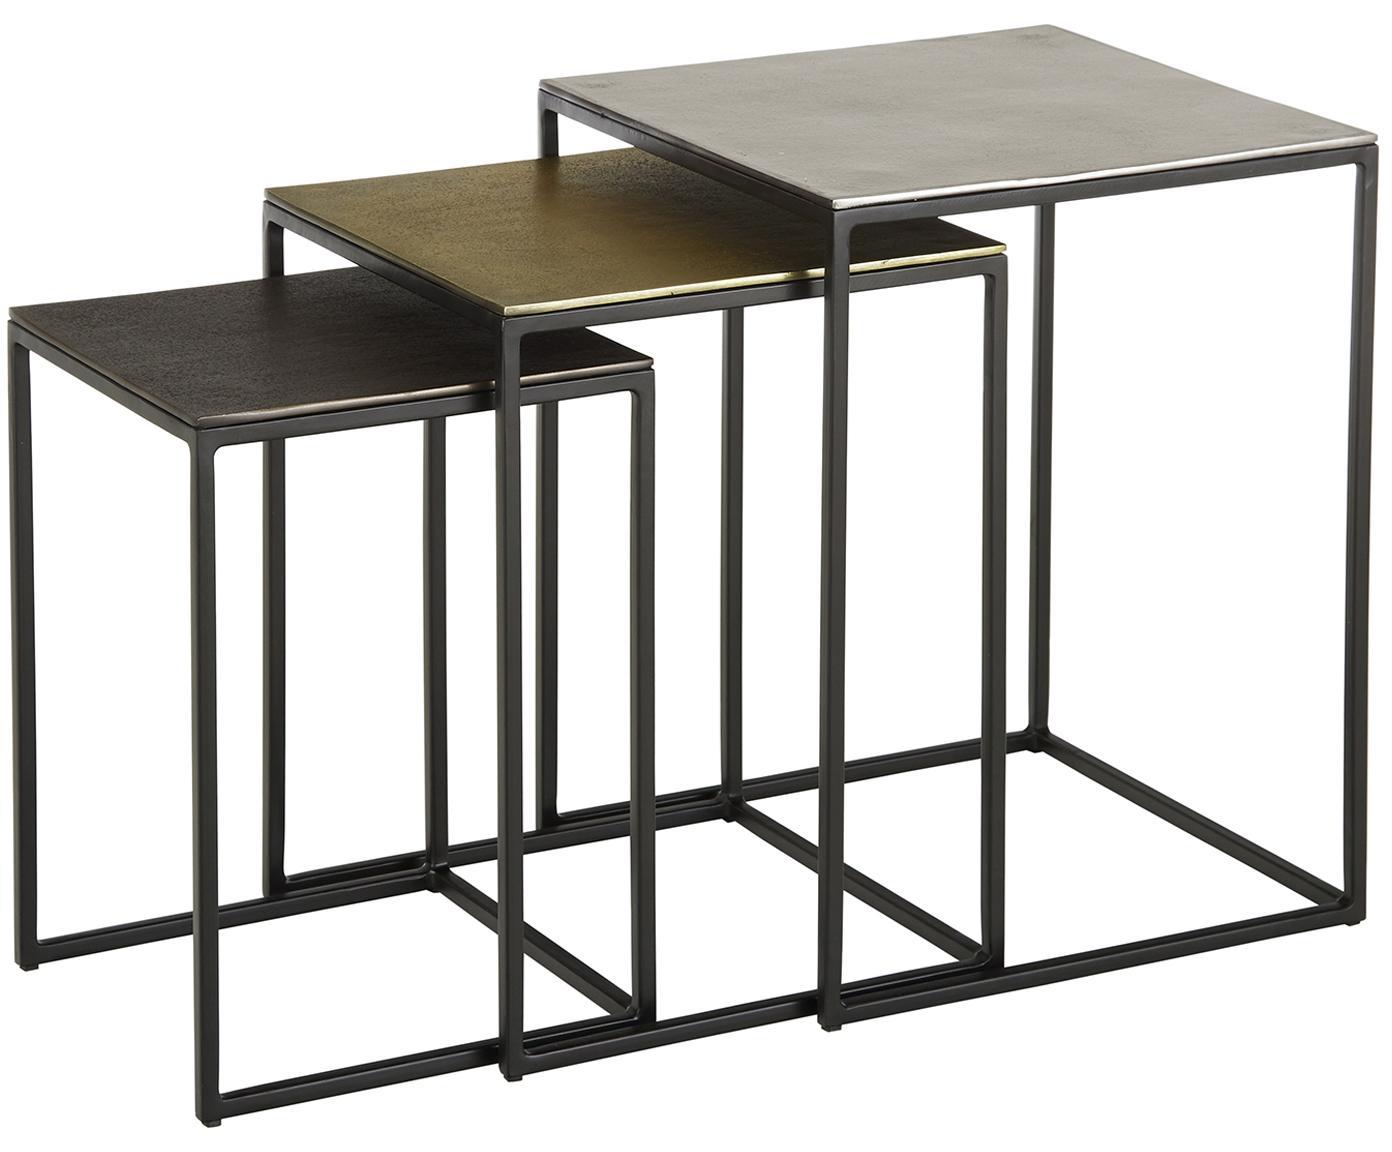 Set de mesas auxiliares Dwayne, 3uds., Tablero: aluminio, recubierto, Estructura: metal pintado, Aluminio, latón, Tamaños diferentes